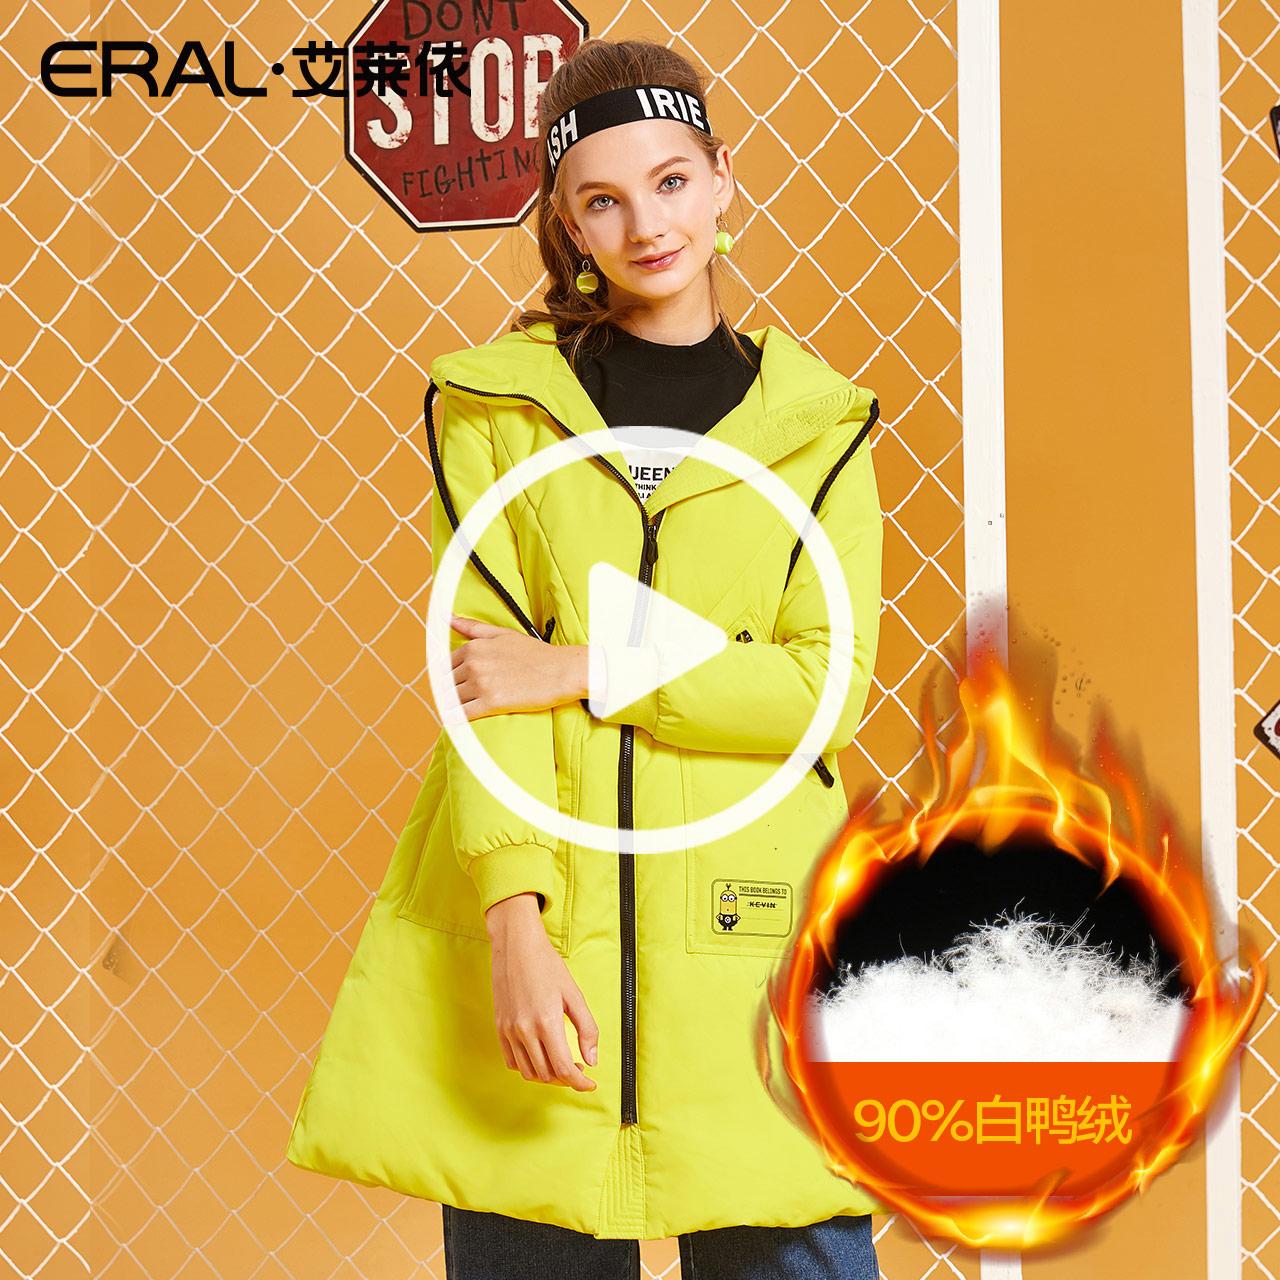 艾莱依羽绒服长款 ERAL艾莱依2017冬装新款羽绒服女中长款加厚修身外套16201-FDAA_推荐淘宝好看的女艾莱依羽绒服长款